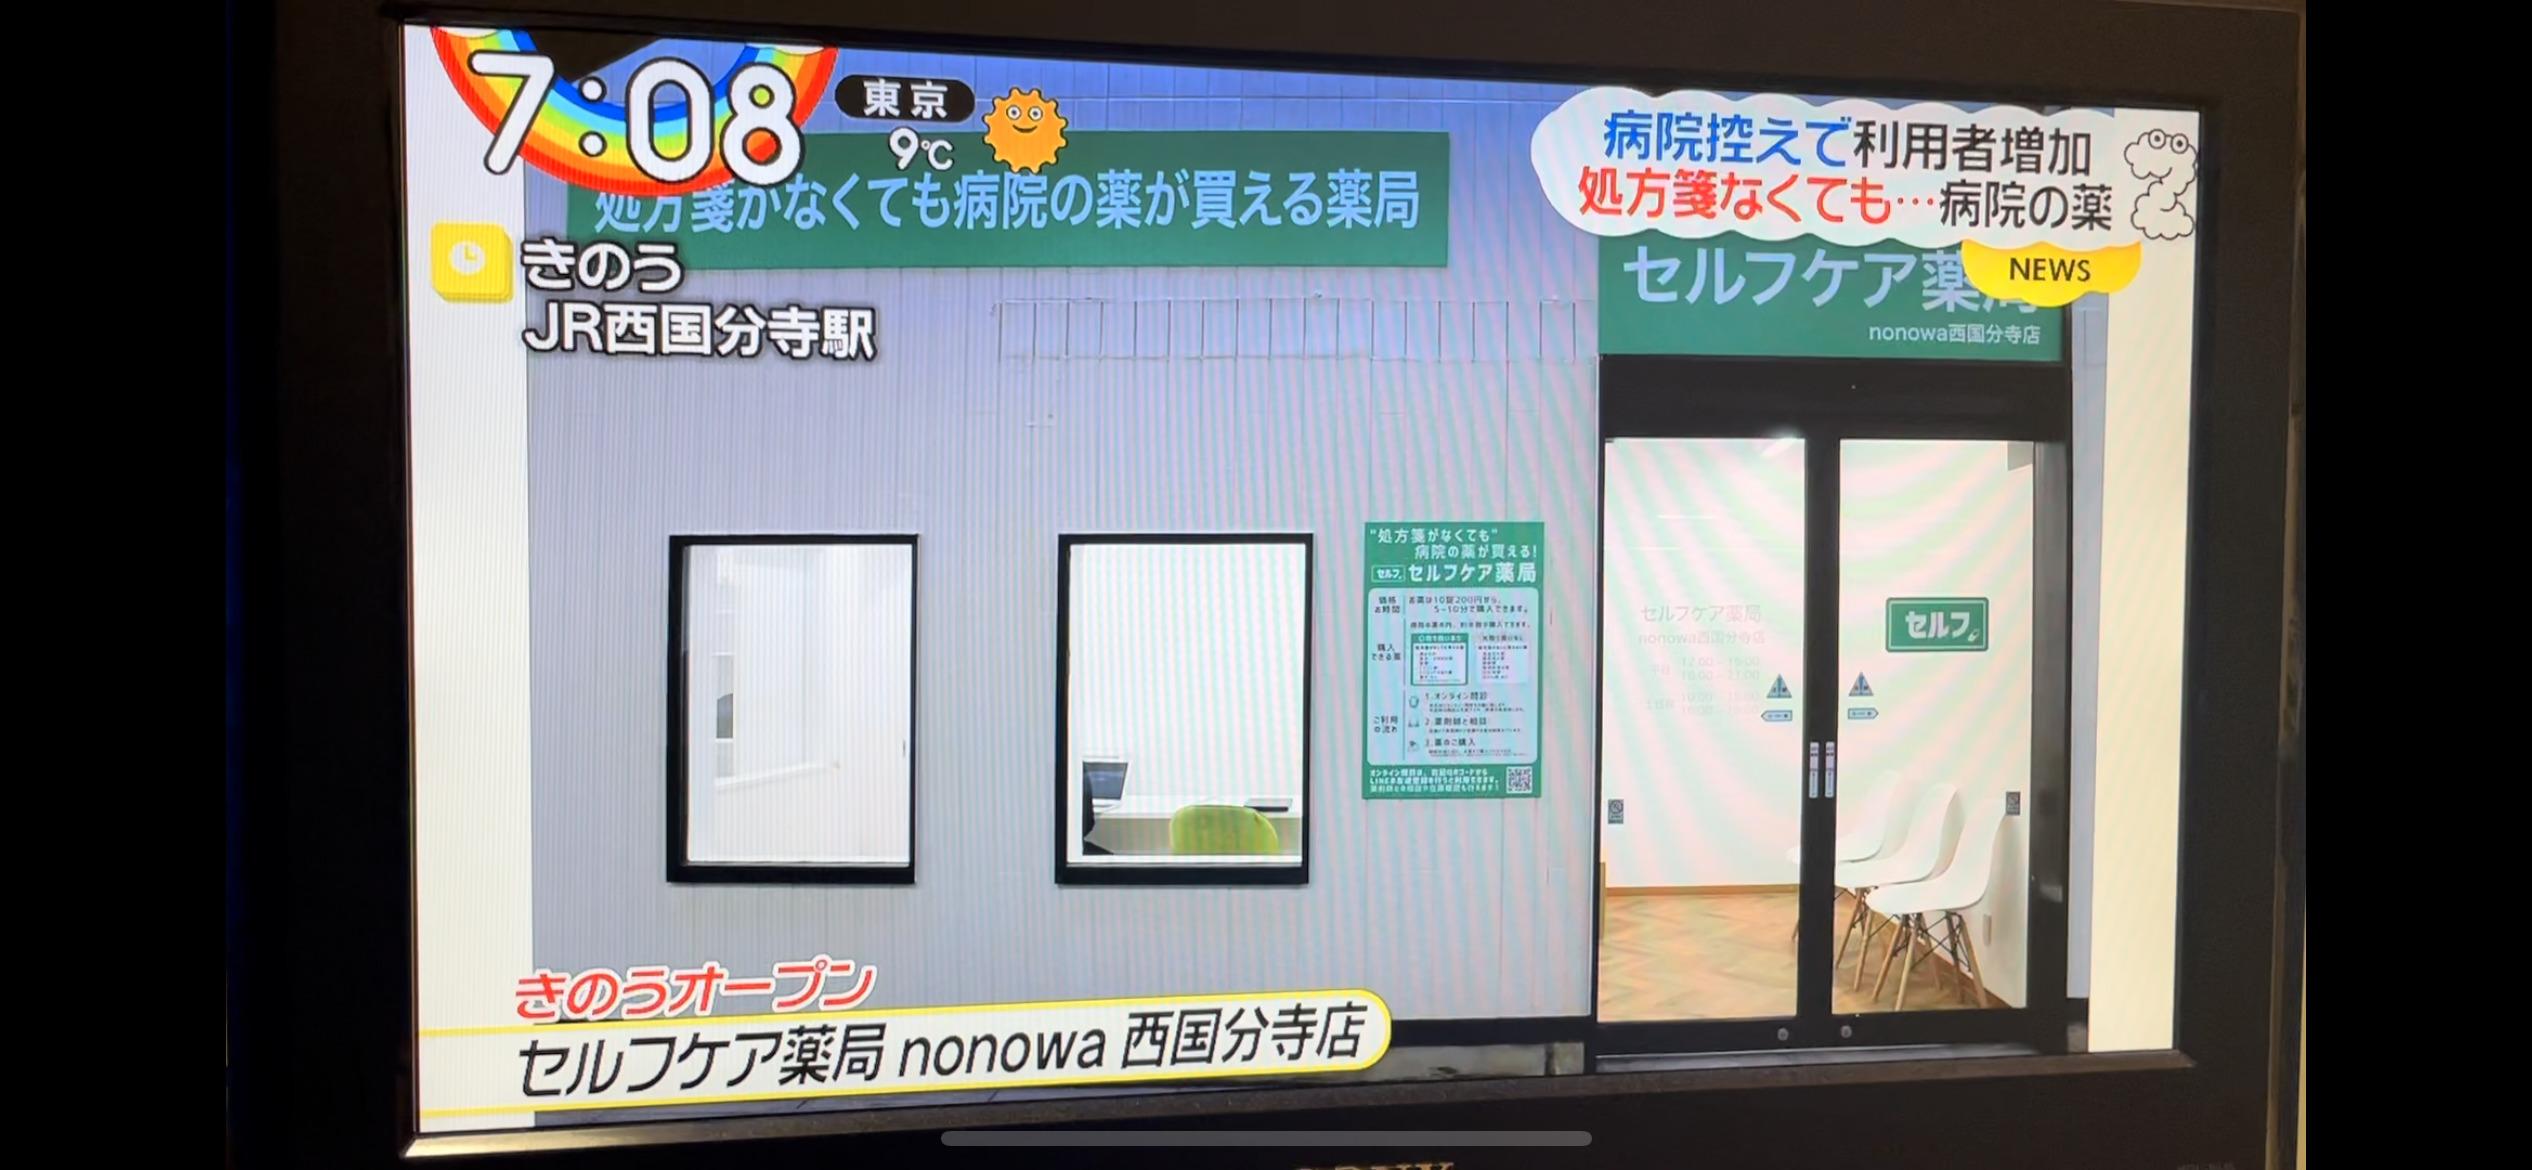 セルフケア薬局nonowa西国分寺店_ZIP_放送